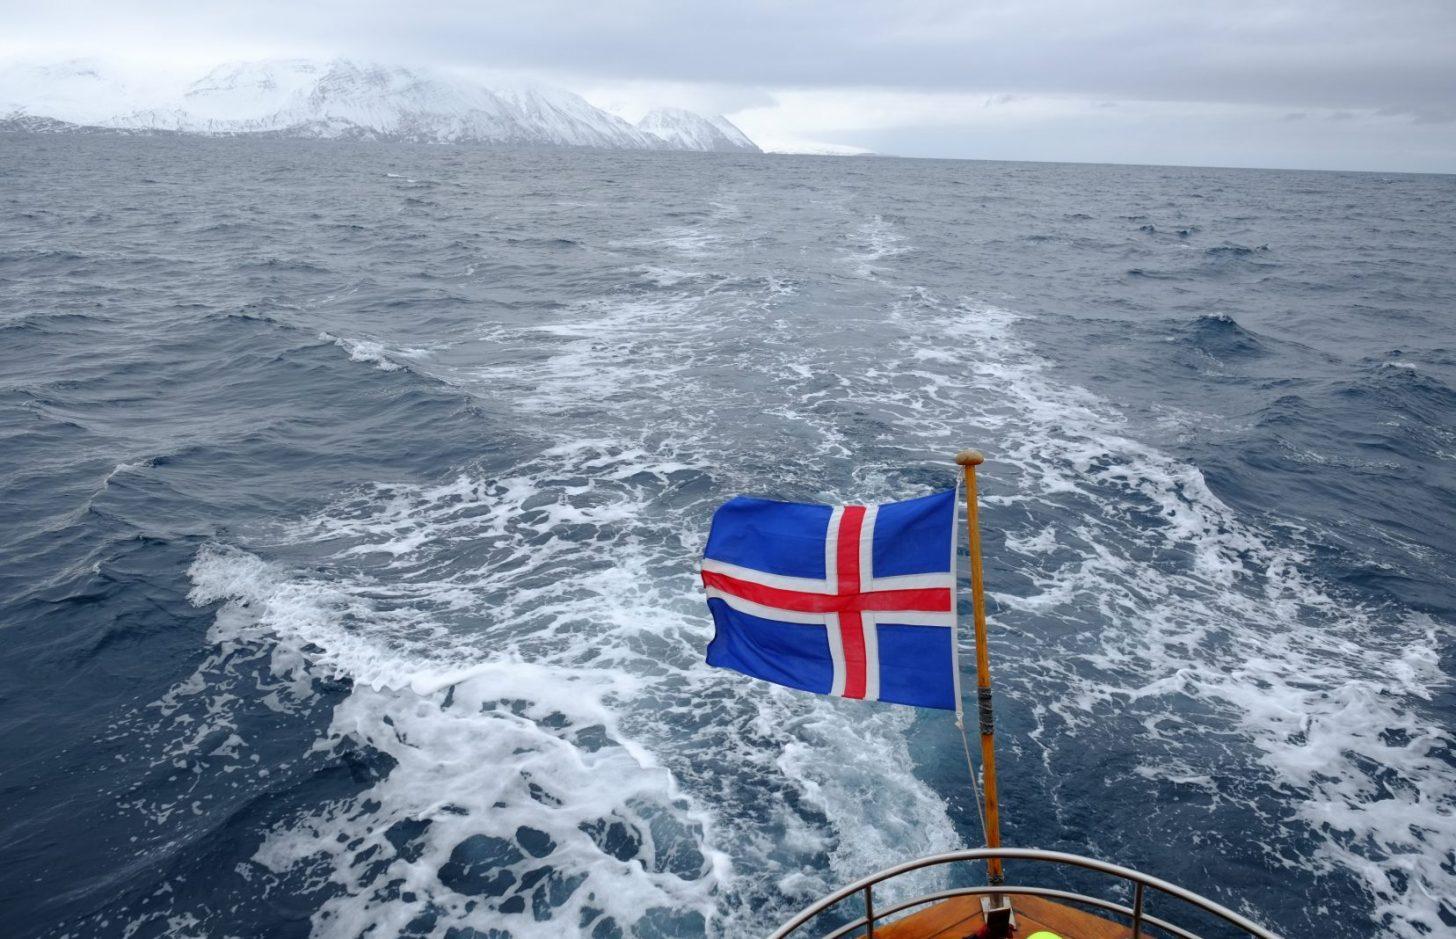 Sur l'océan Arctique dans le nord de l'Islande